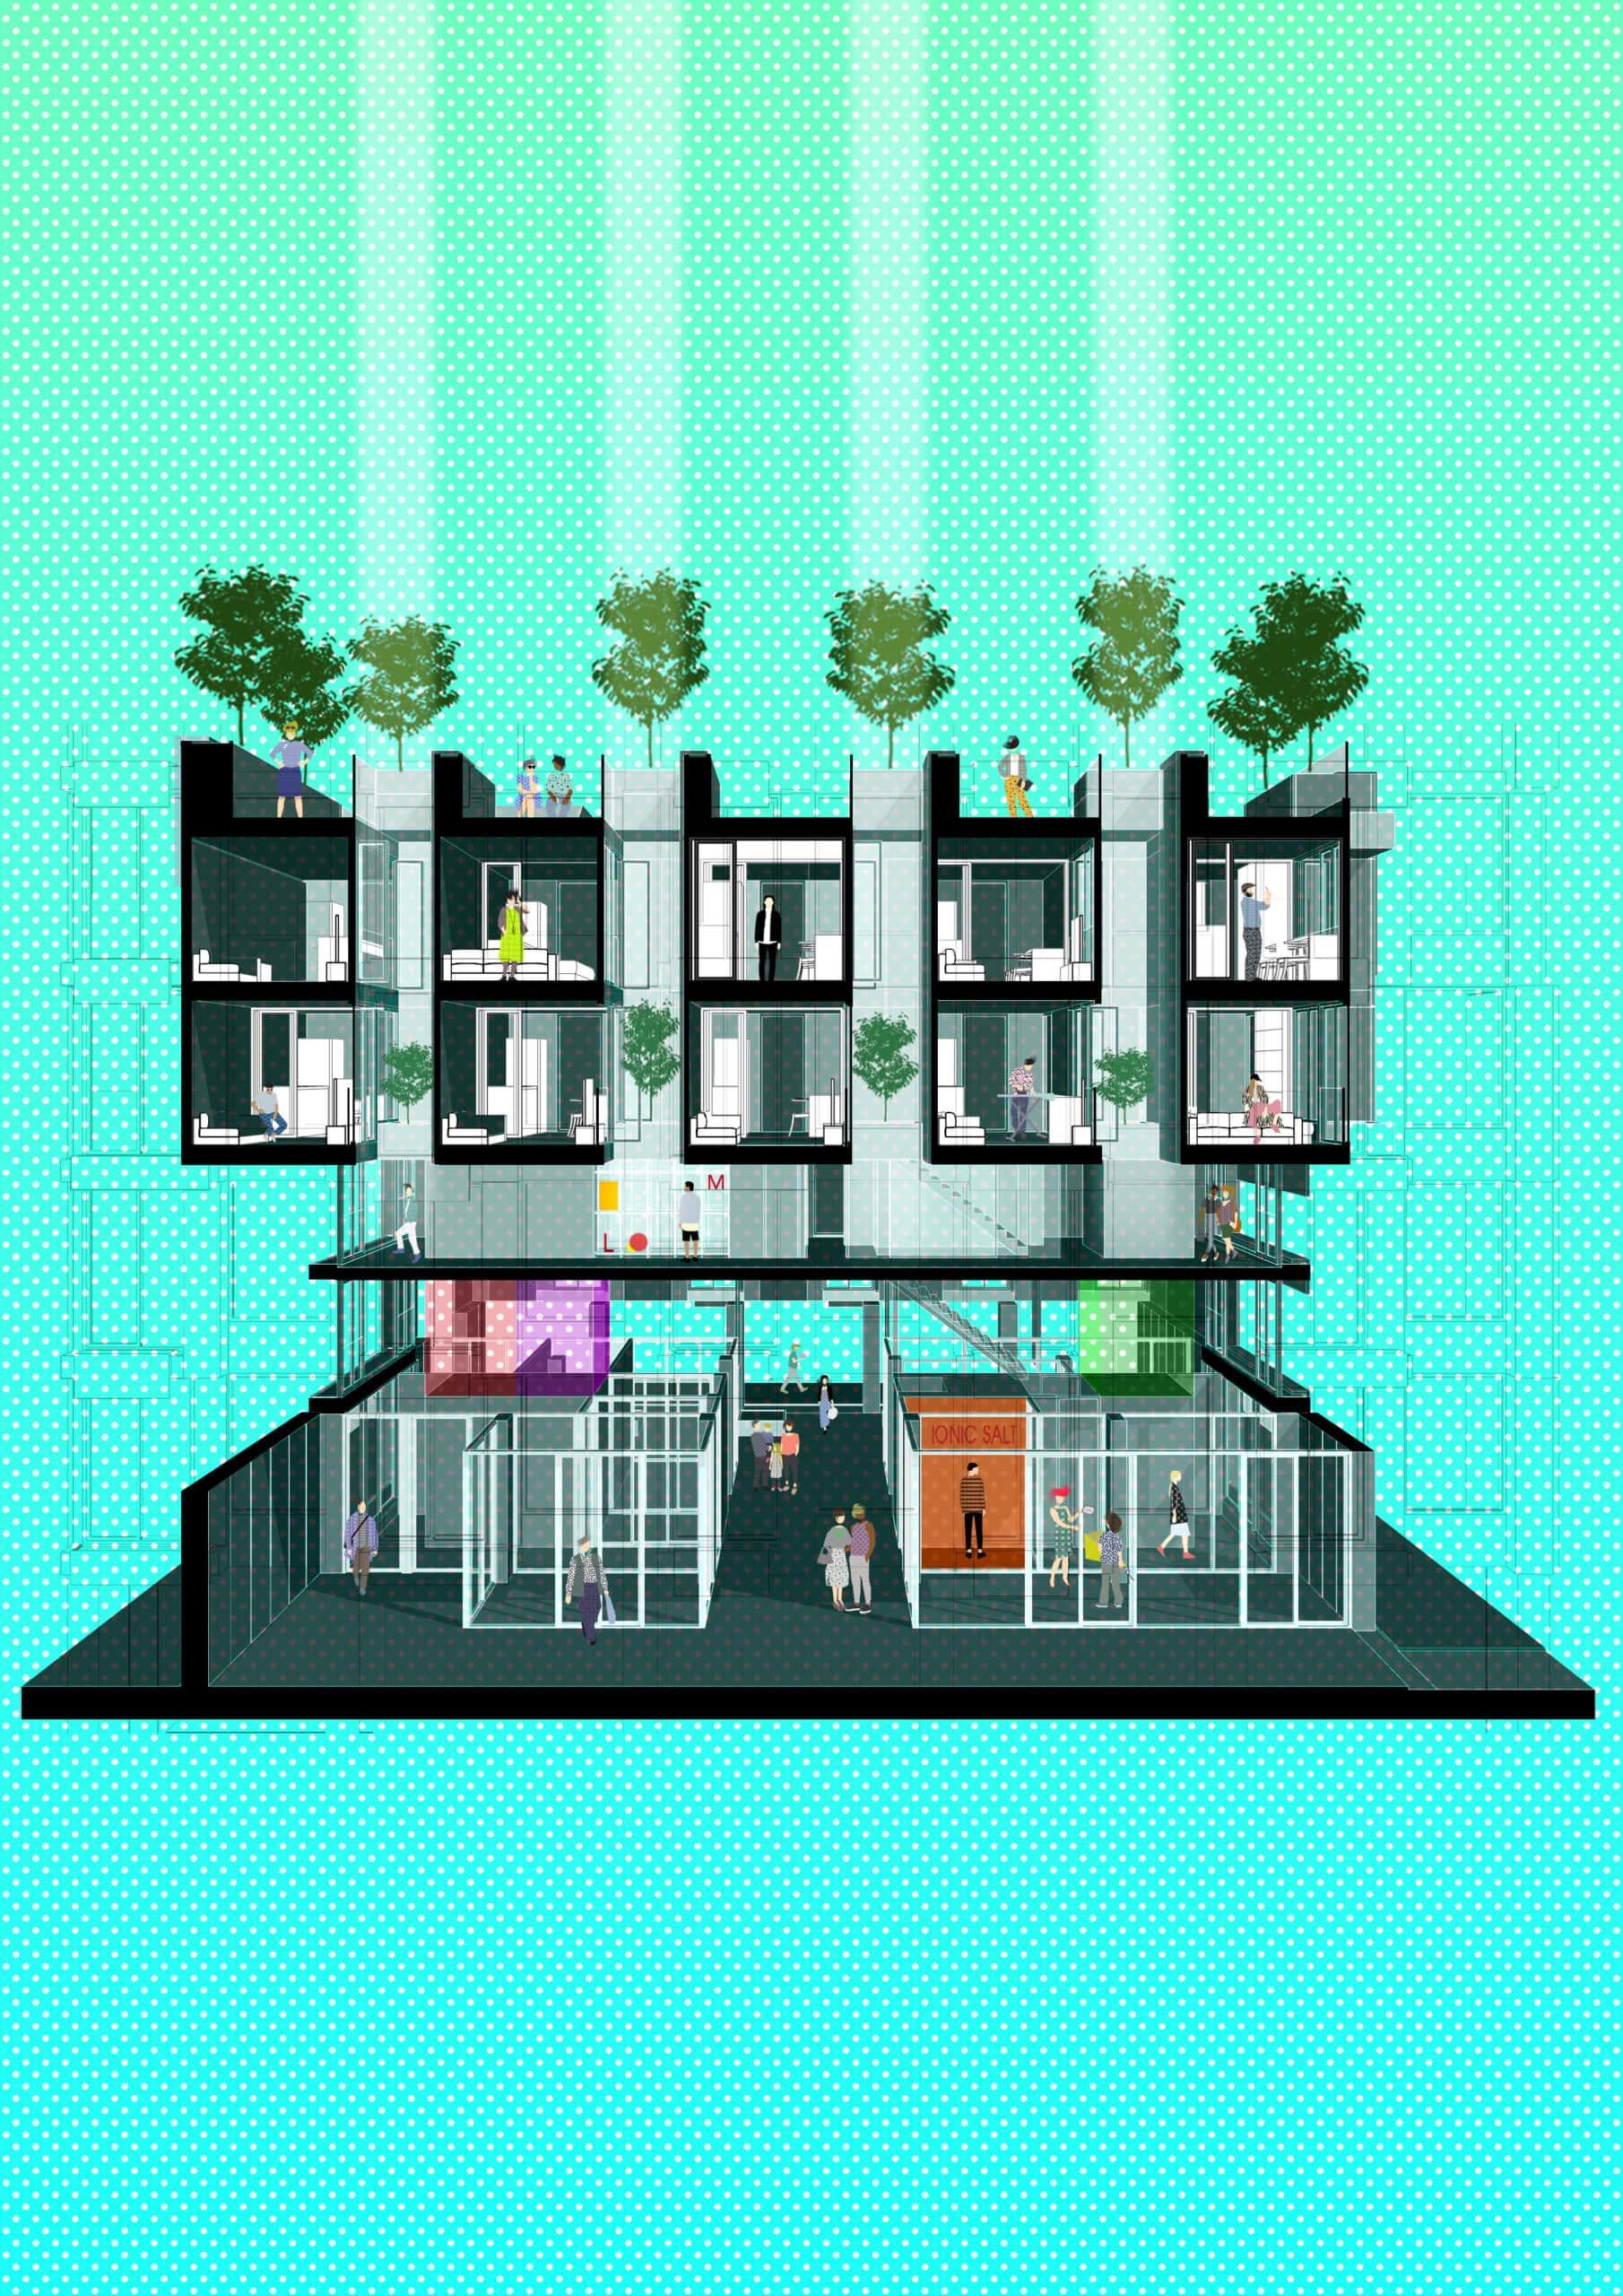 18183_NonA Social Distancing Housing Block_Concept